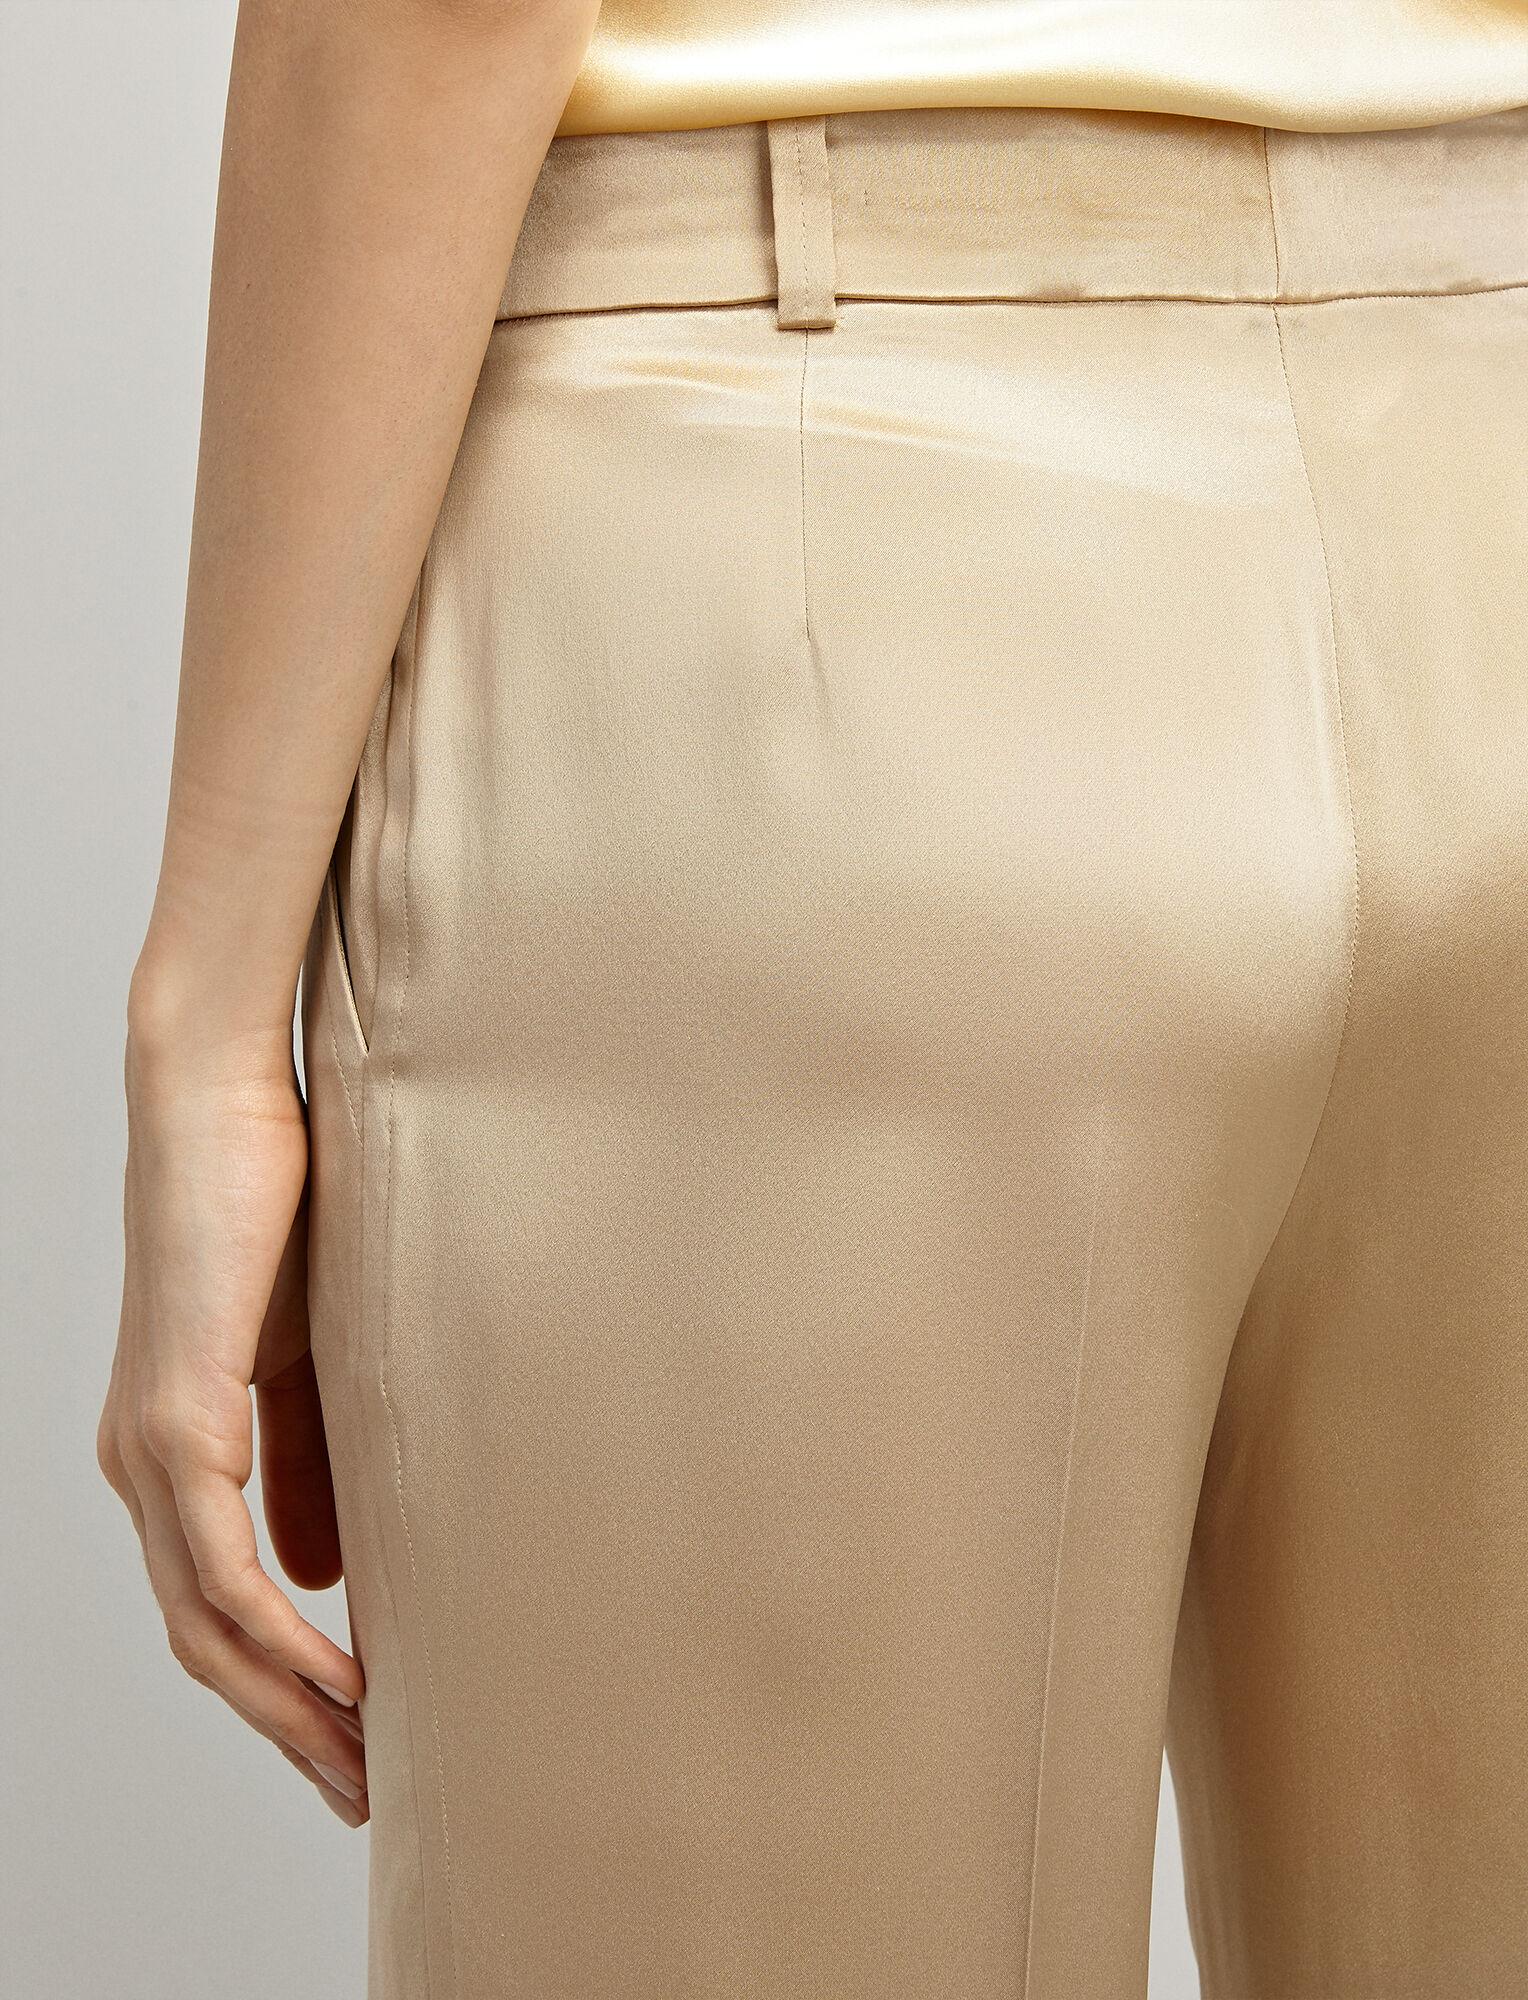 Joseph, Silk-Satin Ferdy Trousers, in BEIGE